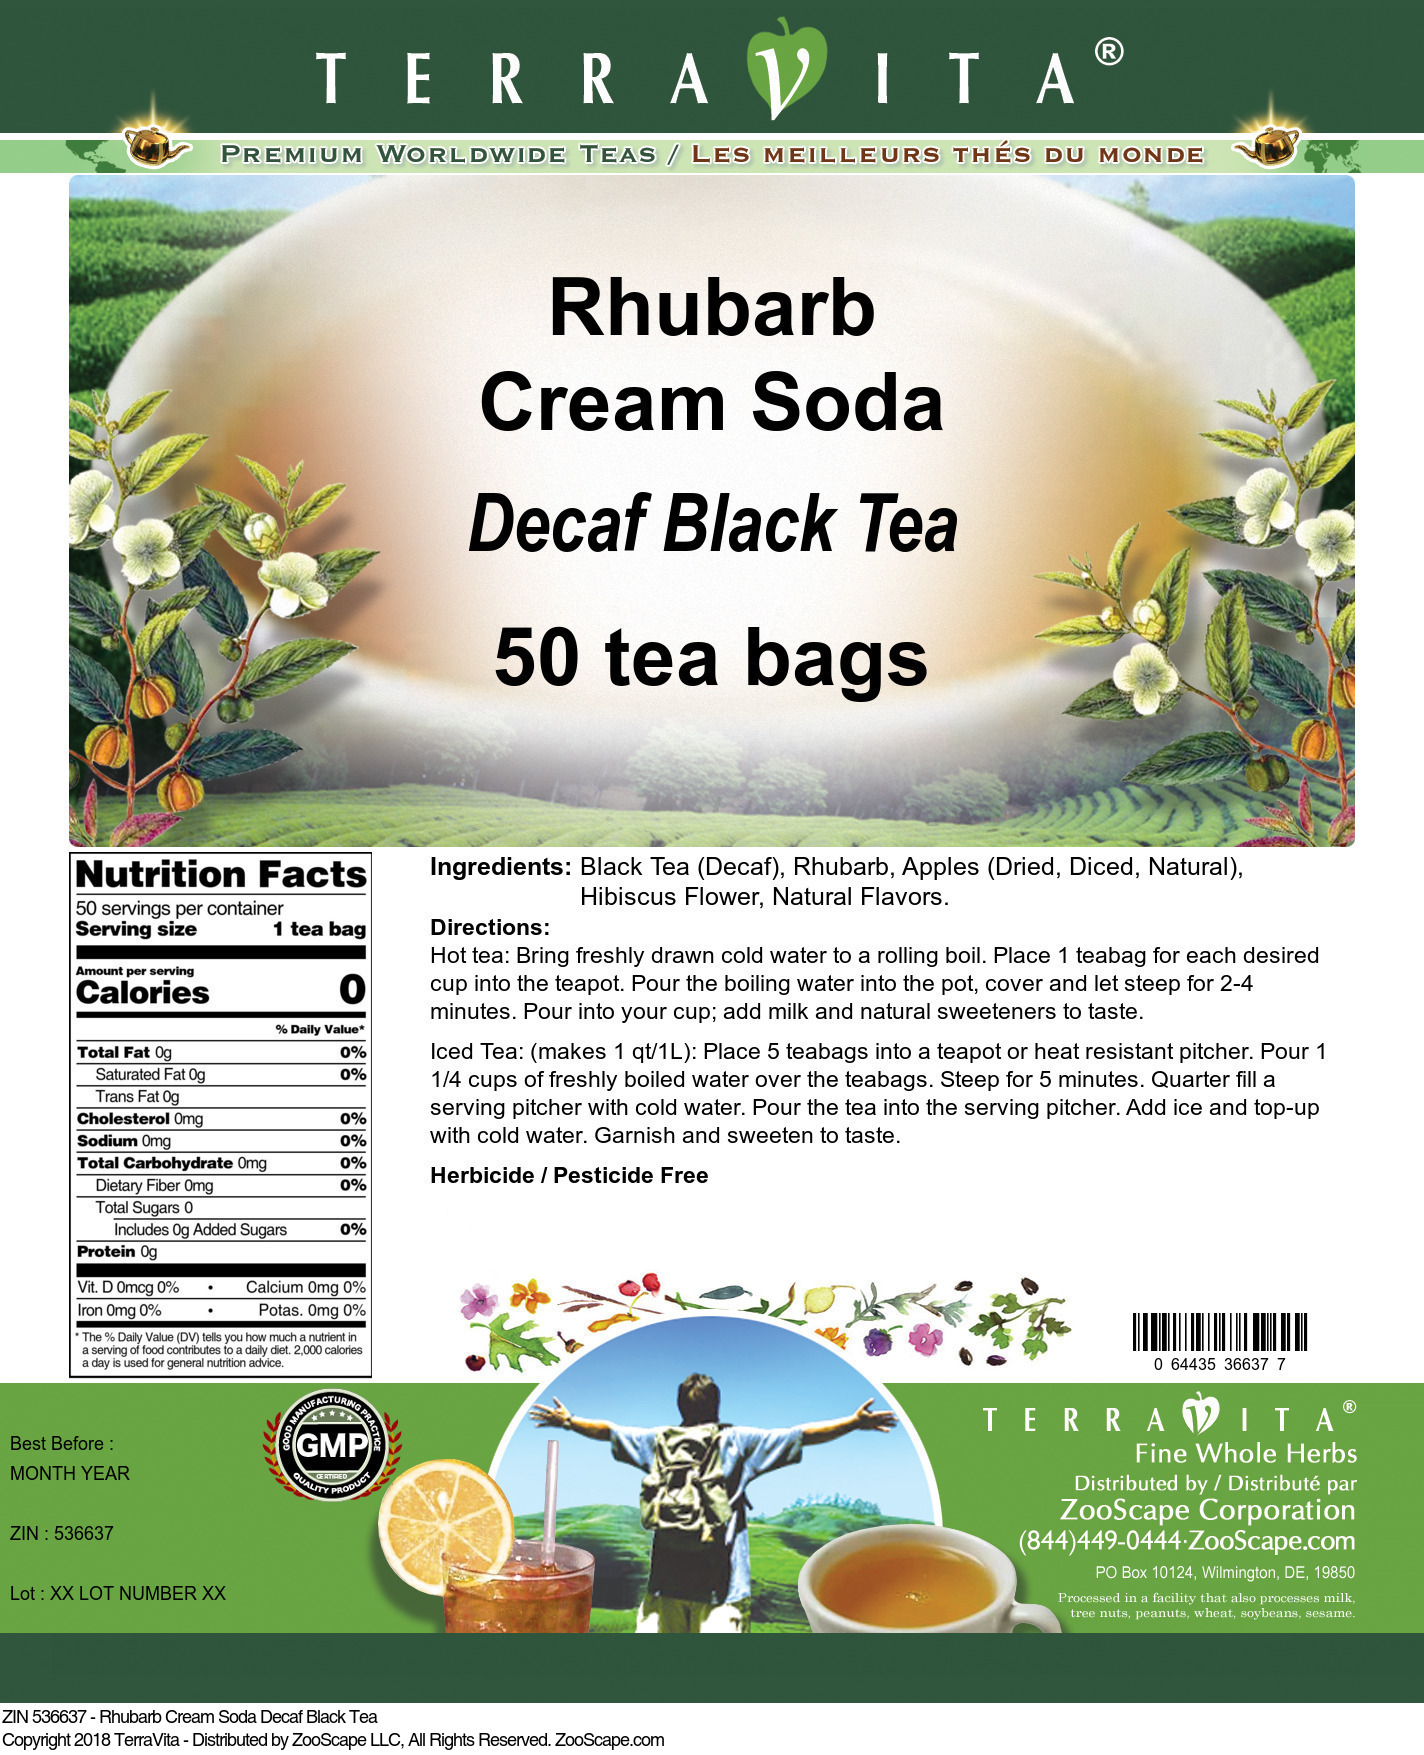 Rhubarb Cream Soda Decaf Black Tea